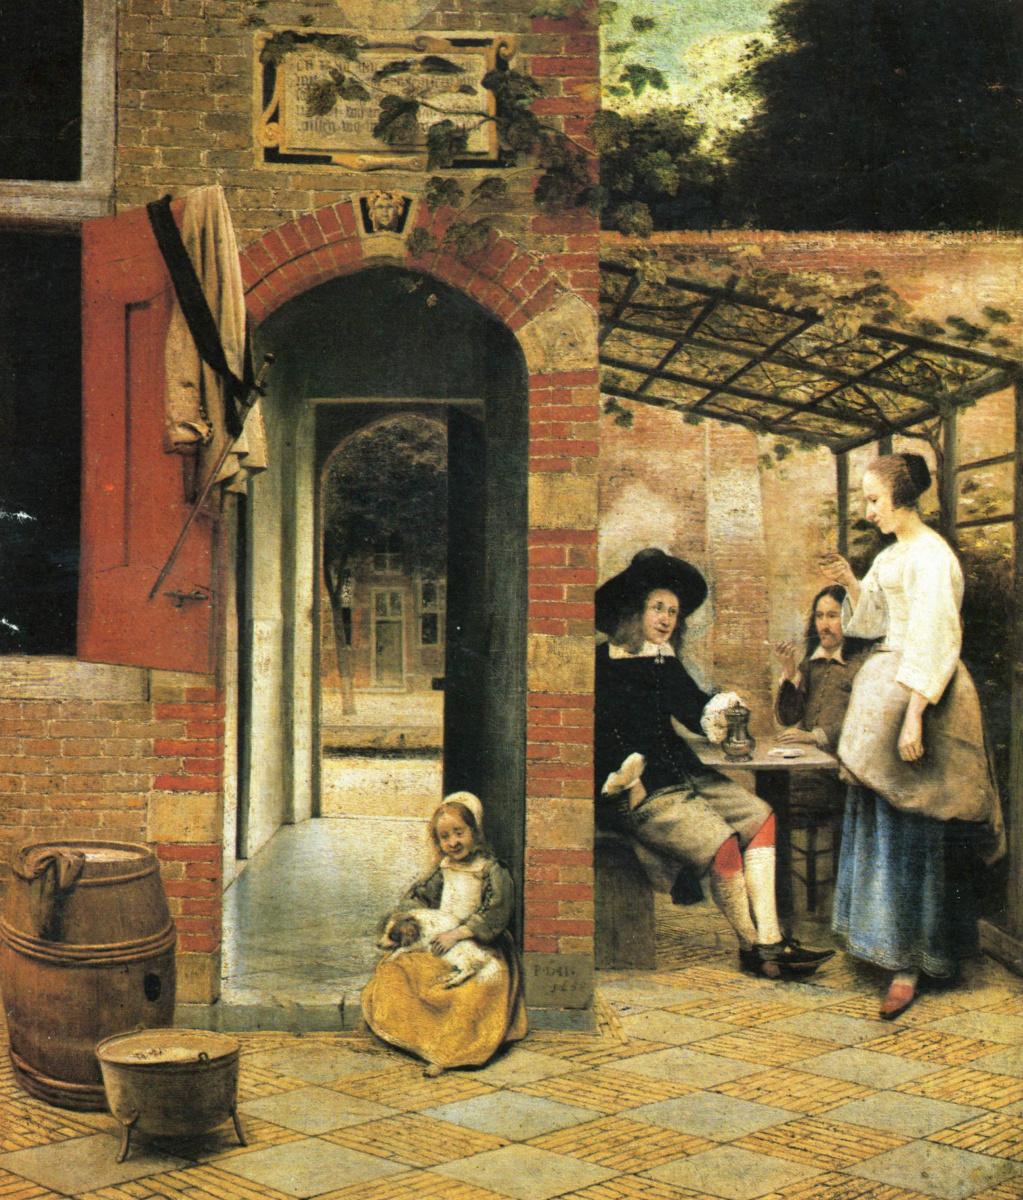 Питер де Хох. Два пьющих вино мужчины и женщина в беседке